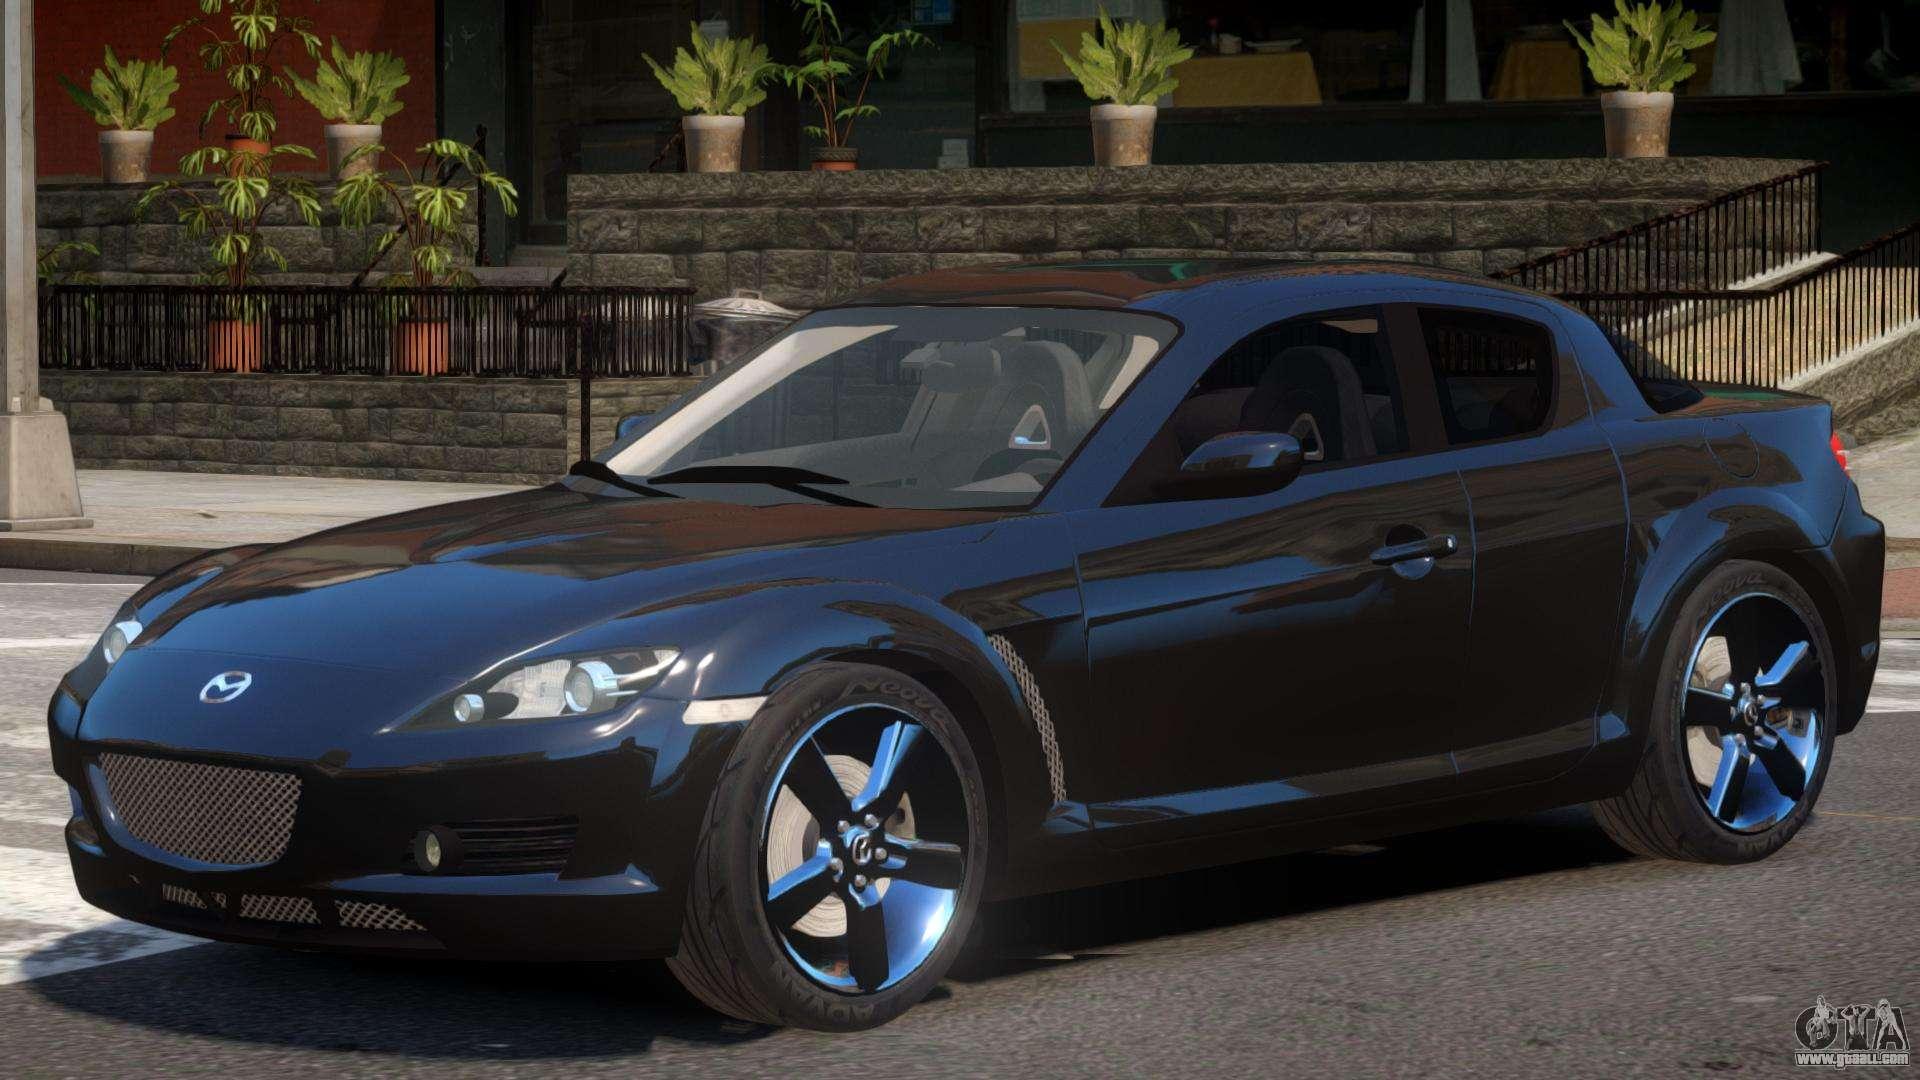 Kelebihan Kekurangan Mazda 326 Perbandingan Harga